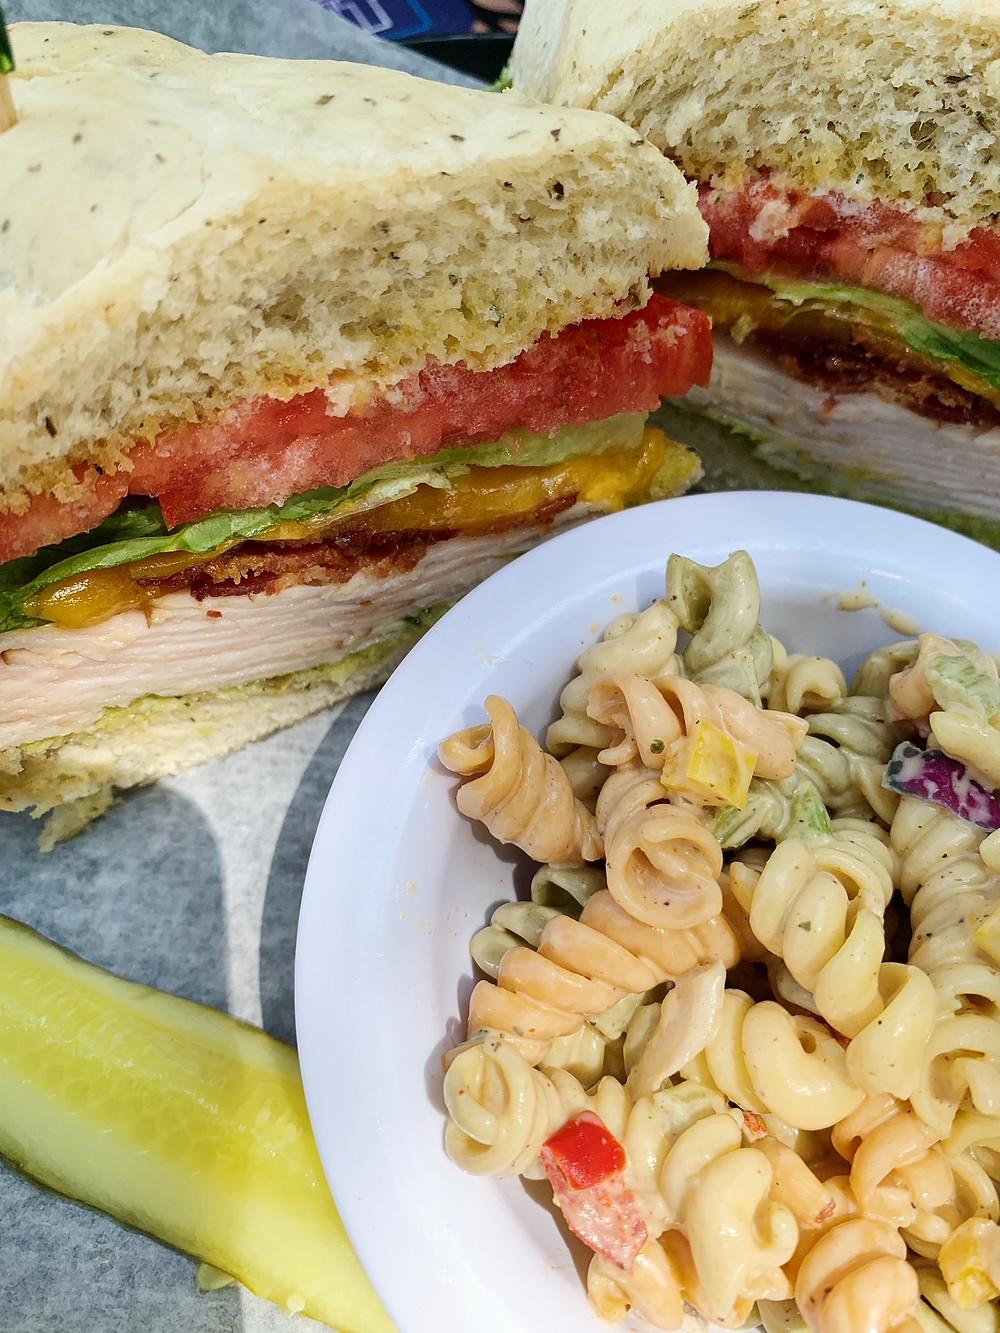 Turkey Bacon Guacamole Sandwich on 30A